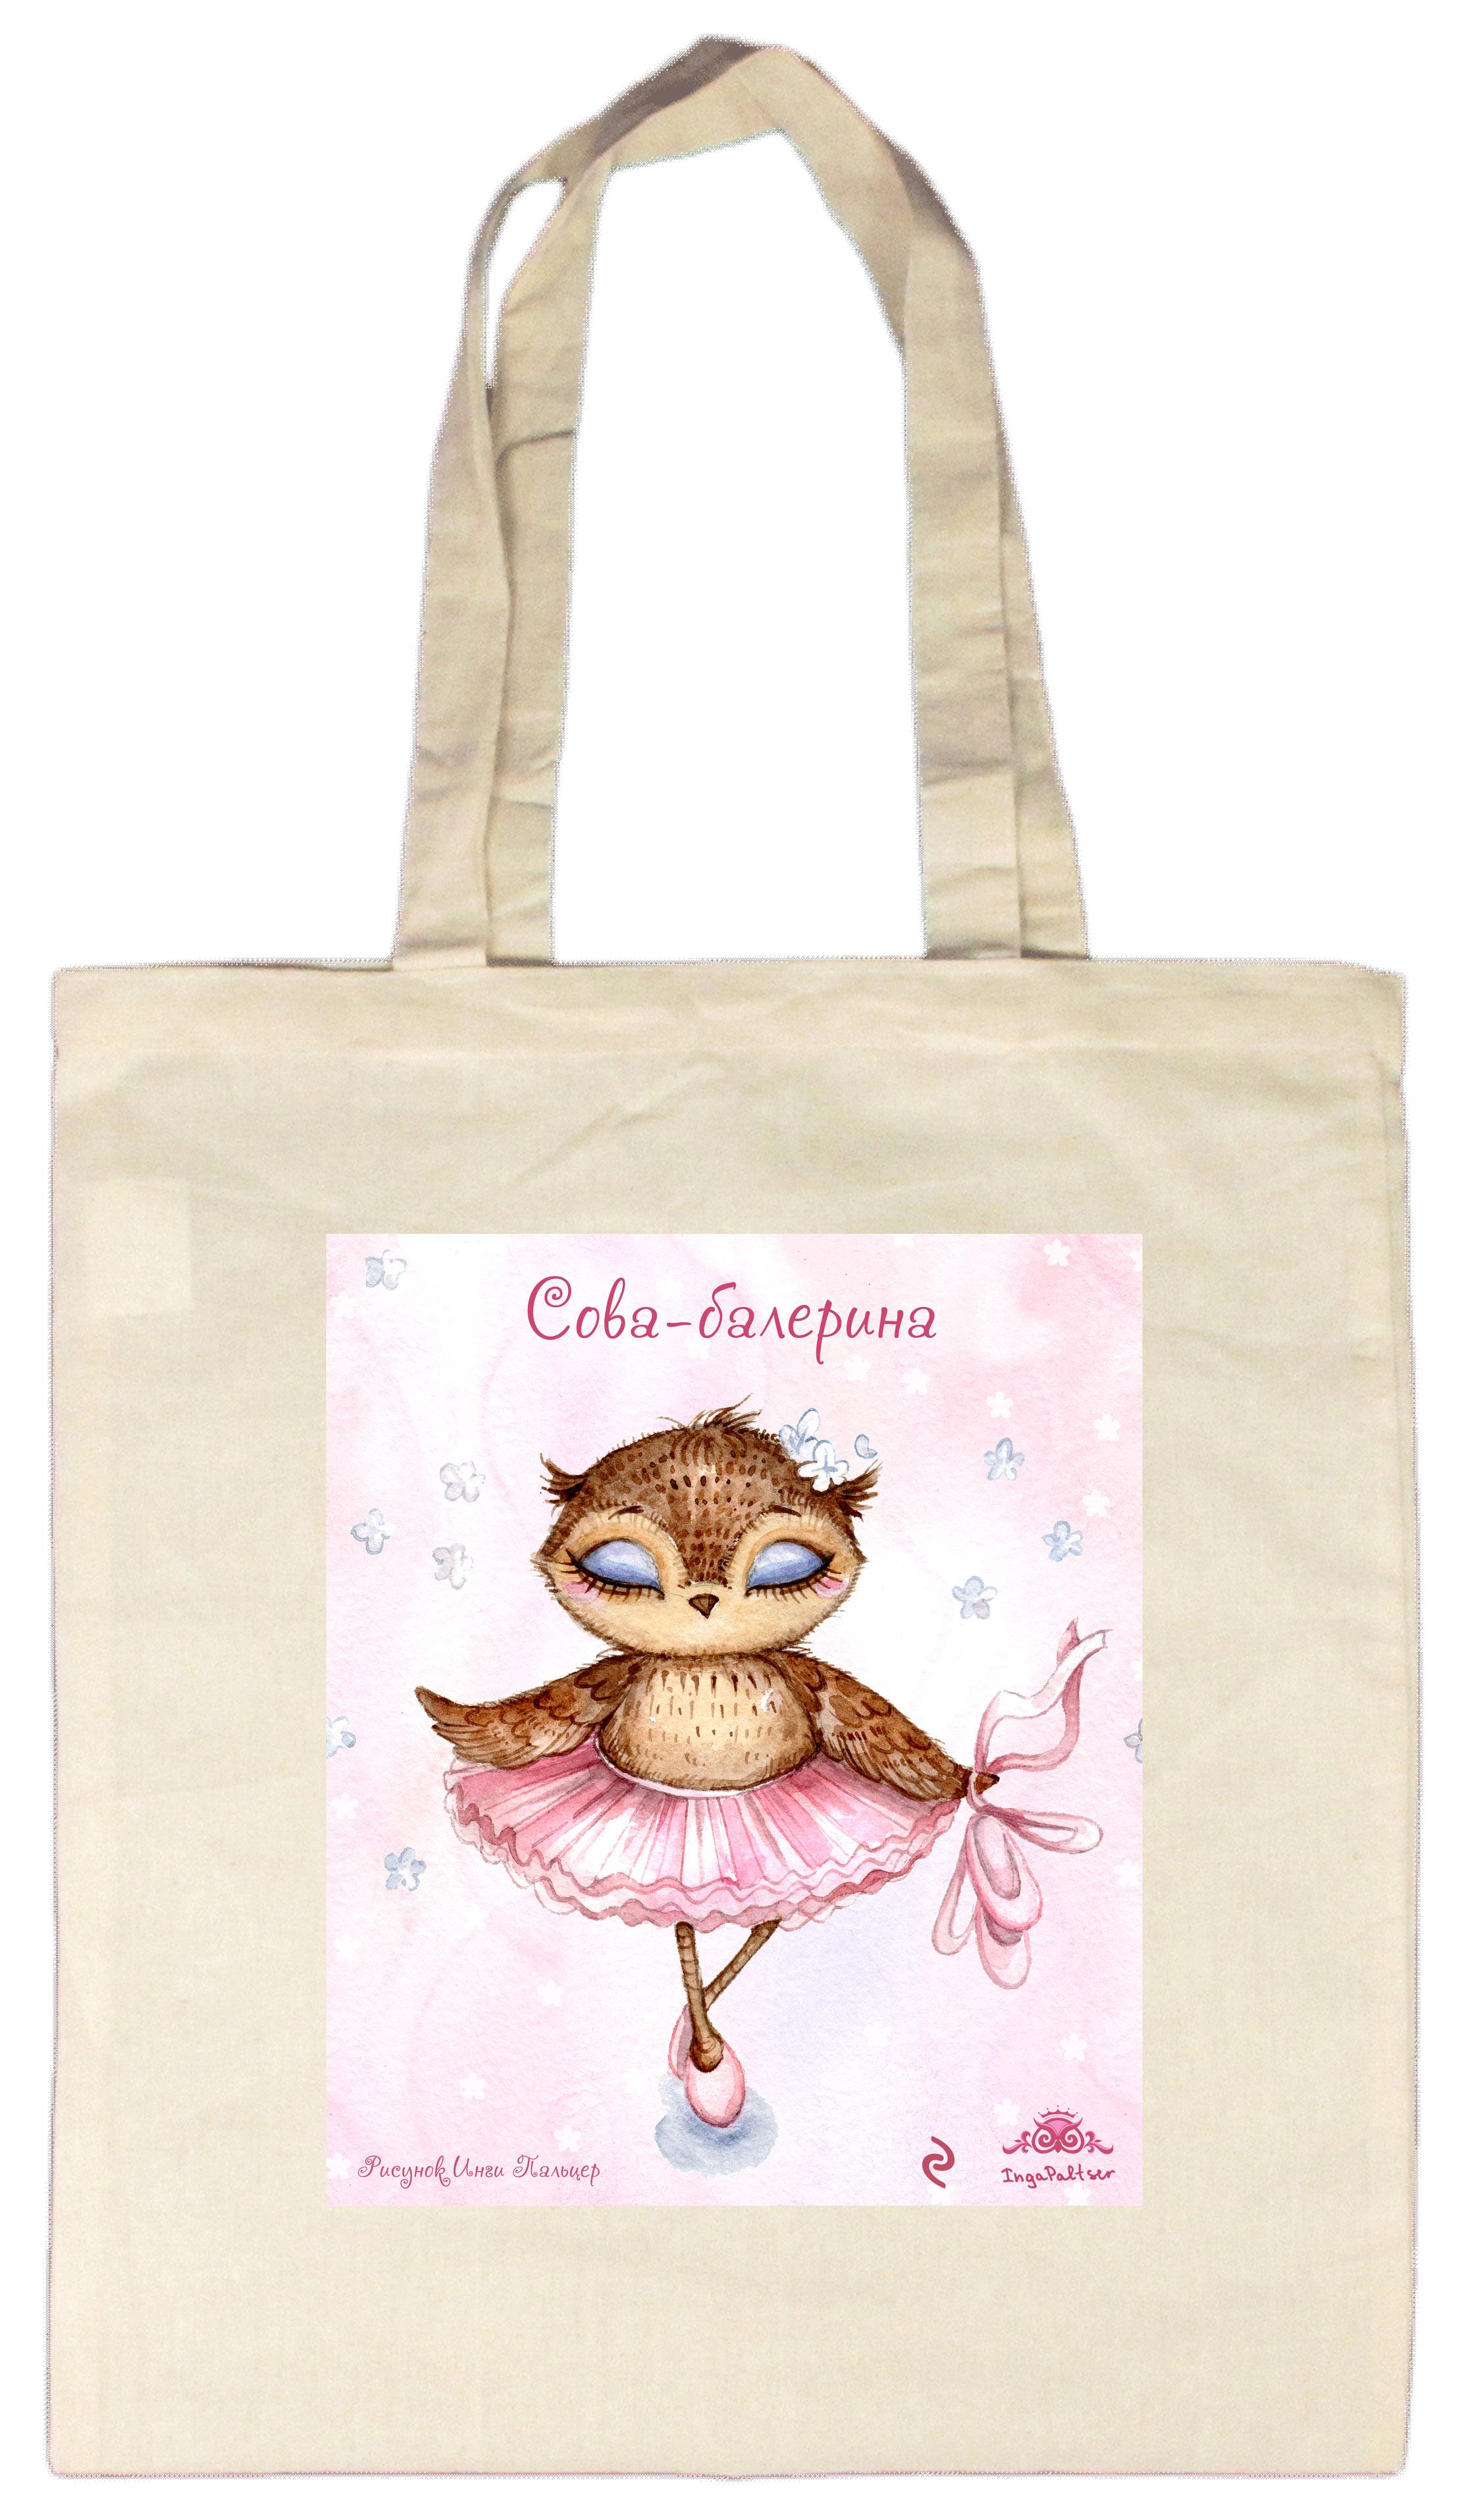 Сумка Сова-балерина, 35 х 39 см09840-20.000.00Смешные совы теперь и на сумках! Легкая, удобная сумка из плотной ткани с цветным рисунком любимых персонажей станет отличным спутником на каждый день. Длина ручки позволяет носить ее на плече. Смешные надписи и авторские рисунки сов от Инги Пальцер будут радовать вас каждый день. А также станут отличным подарком для друзей.